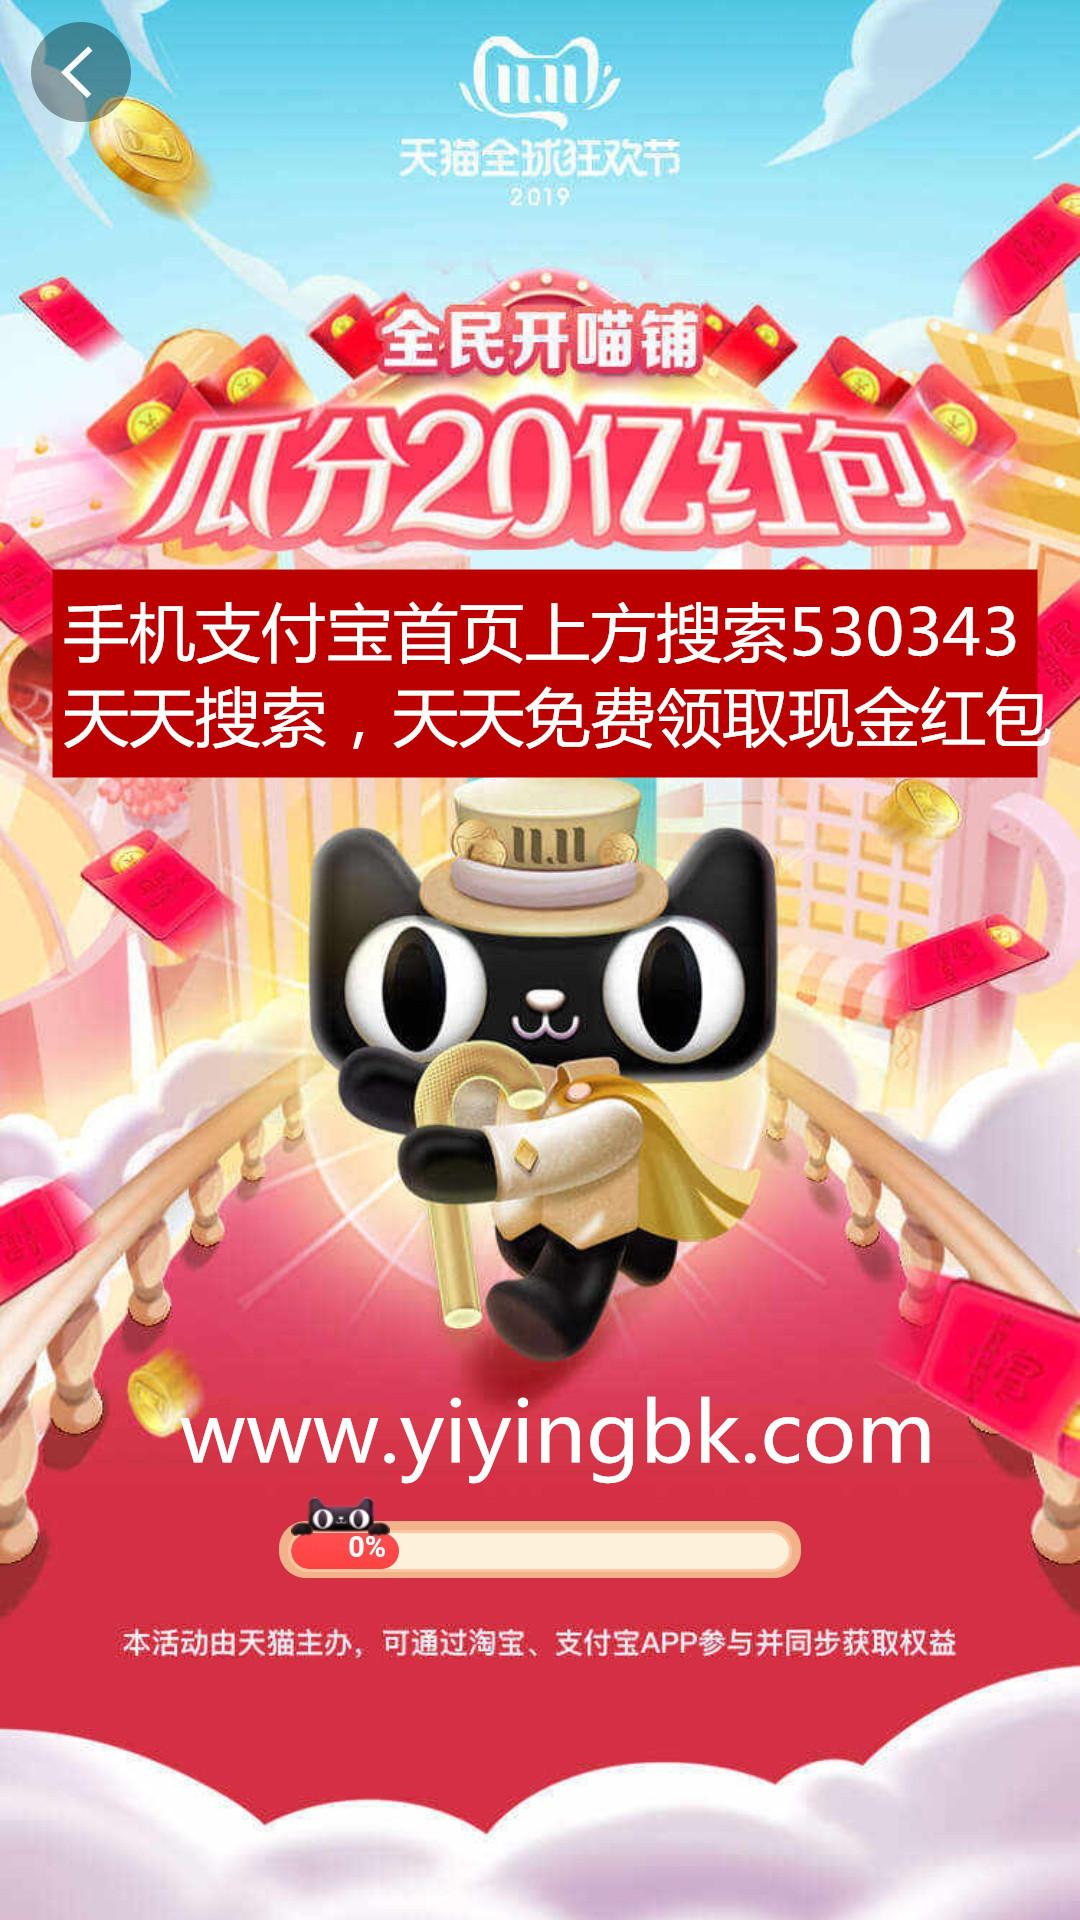 全球狂欢节:双11免费瓜分20亿现金红包,快来瓜分吧!